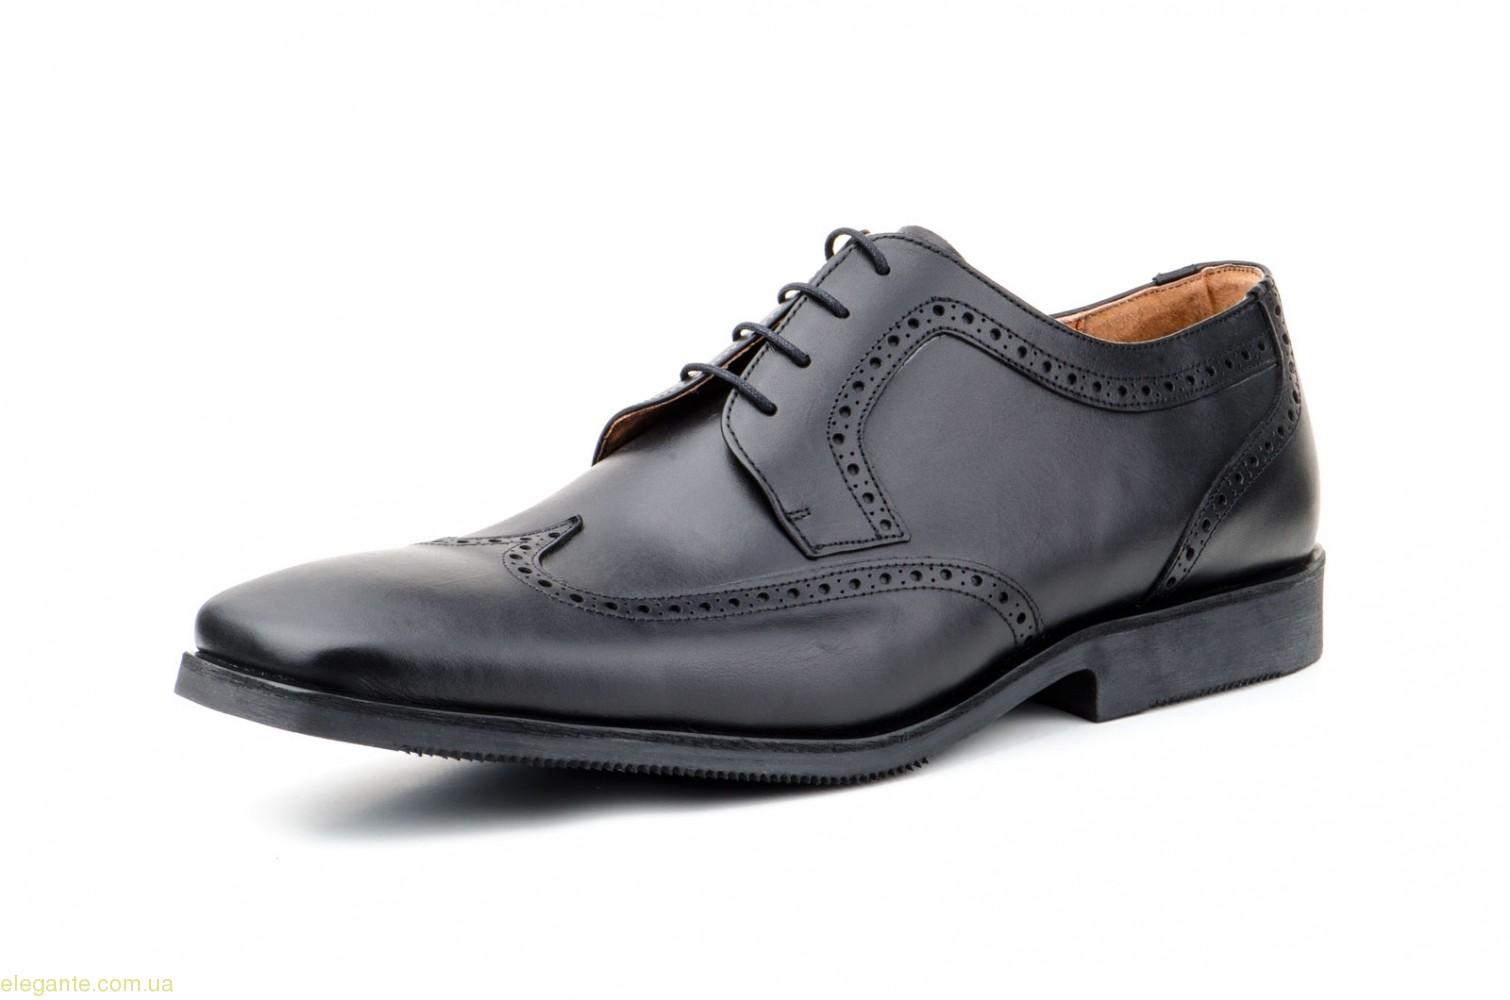 Мужские туфли дерби CARLO GARELLI xxl чёрные 0